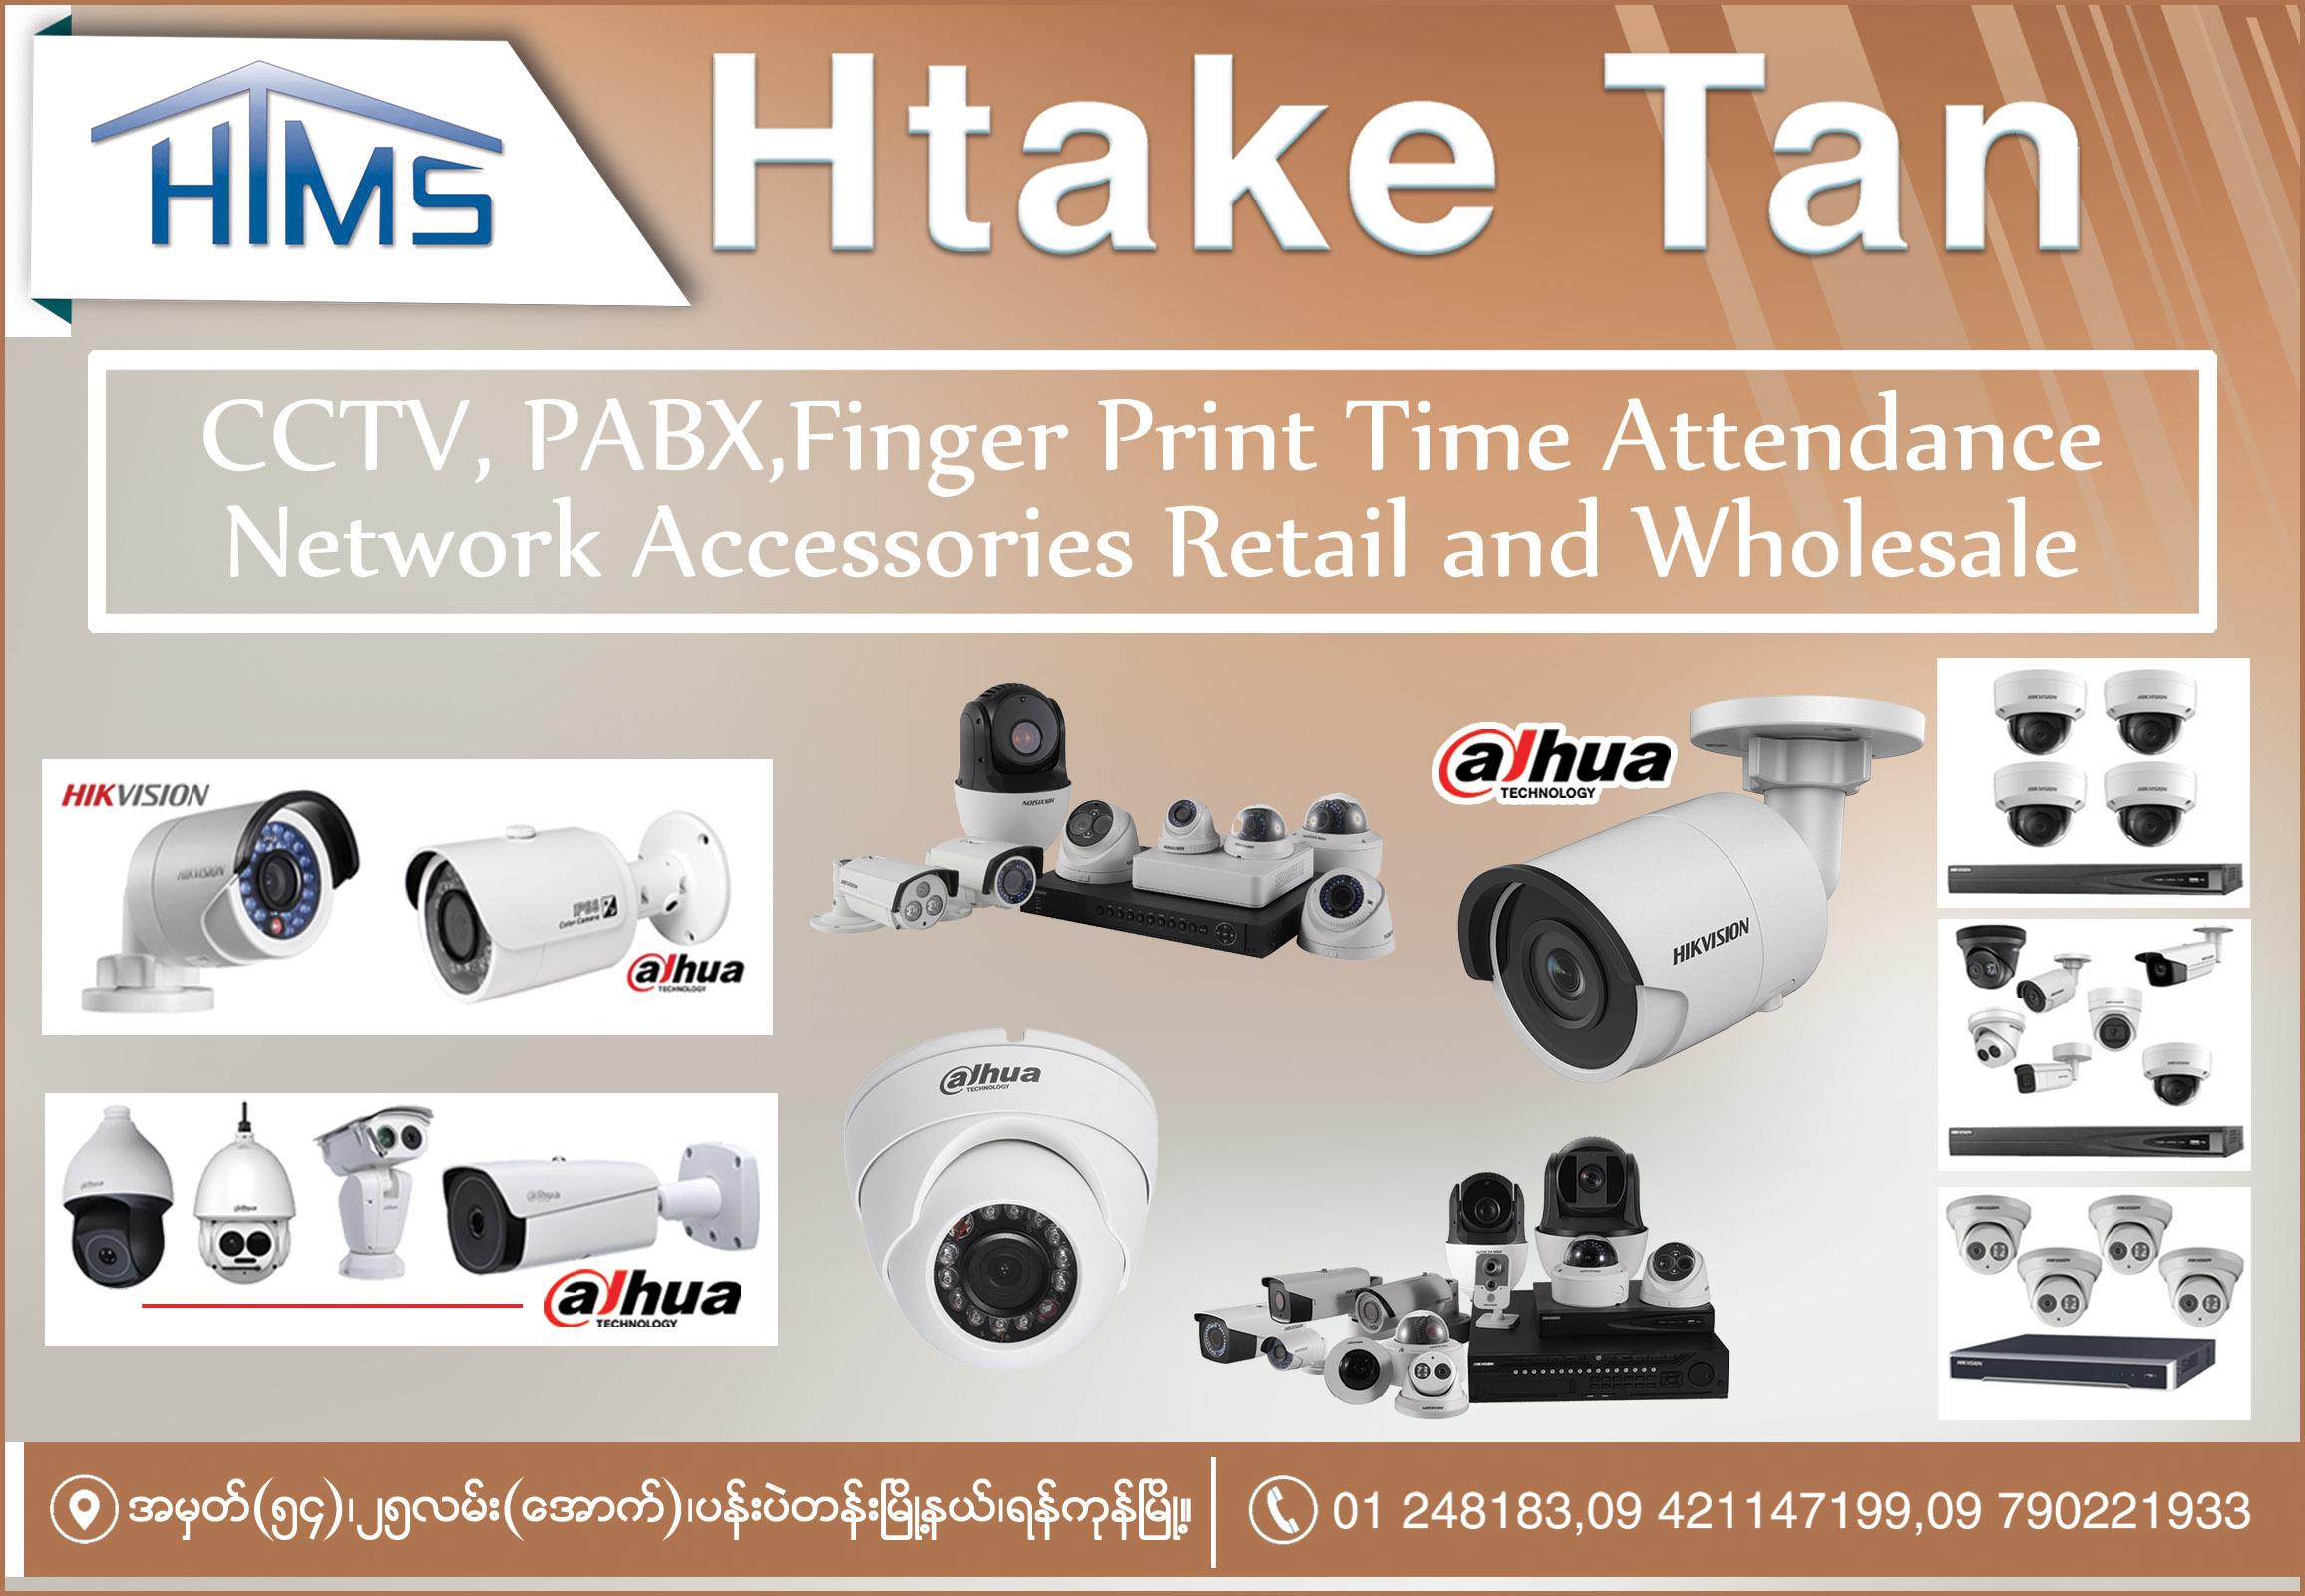 Htake Tan